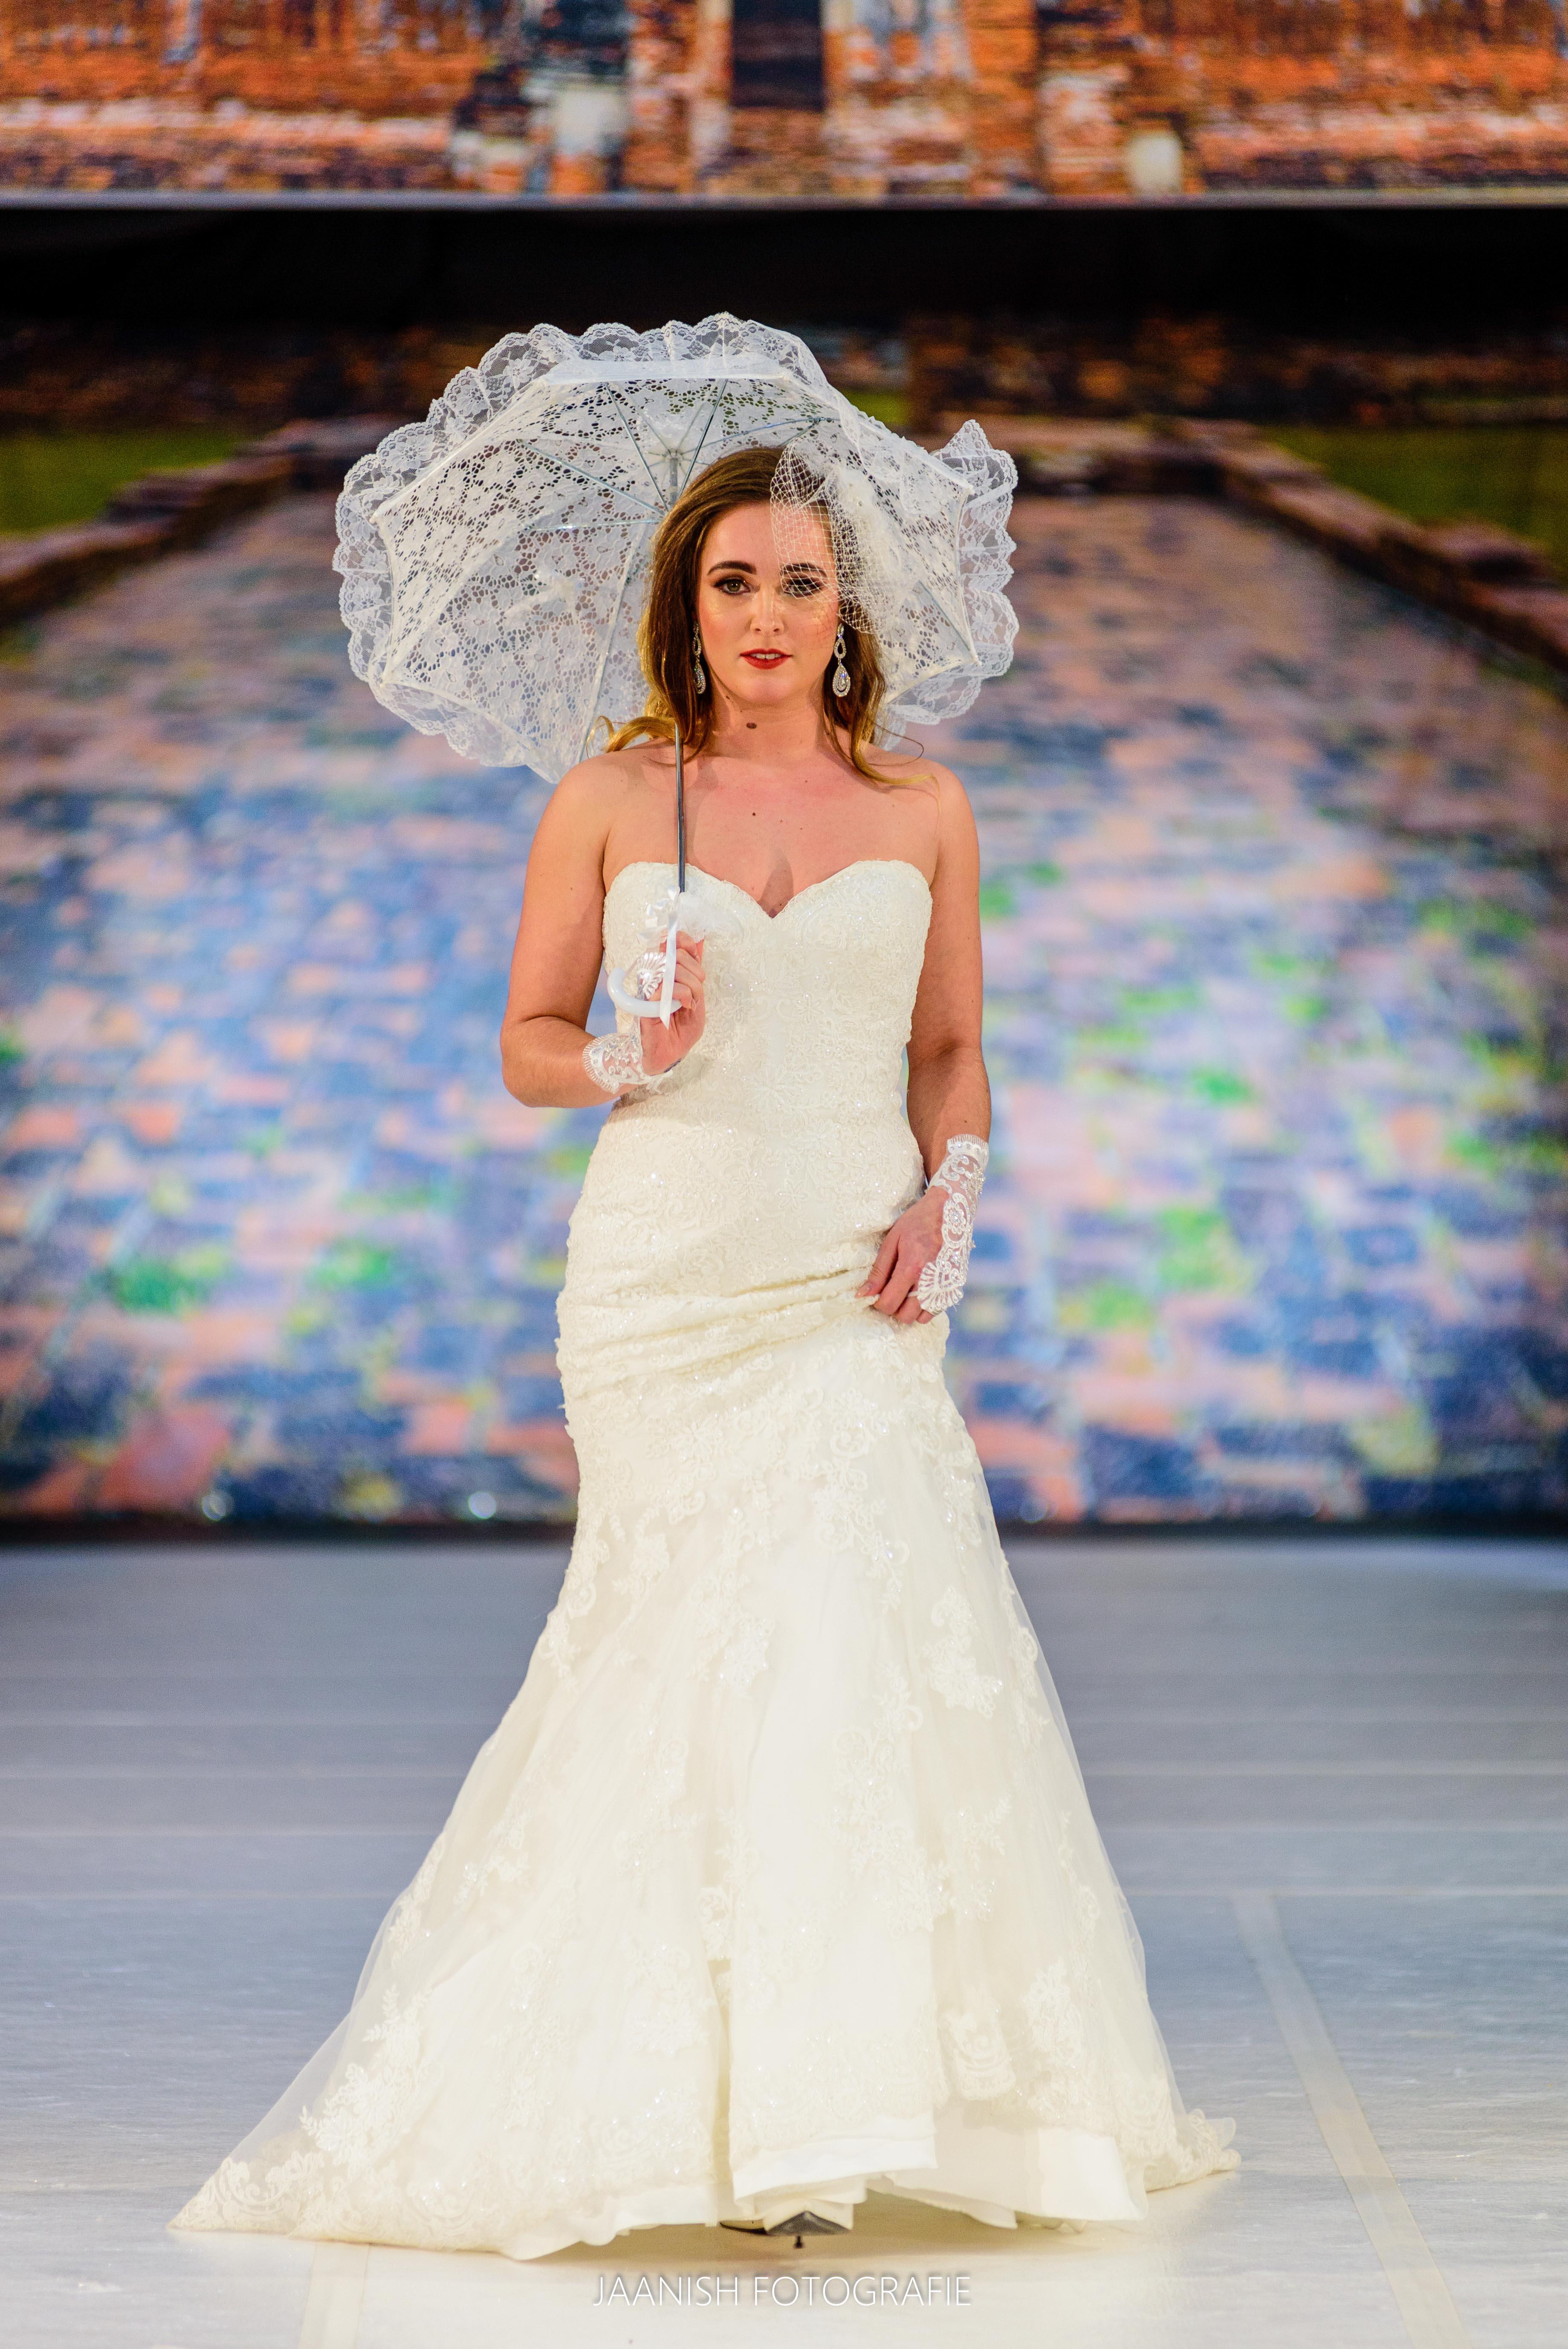 Fashion fotograaf The Big Day 5 wedding beurs 3